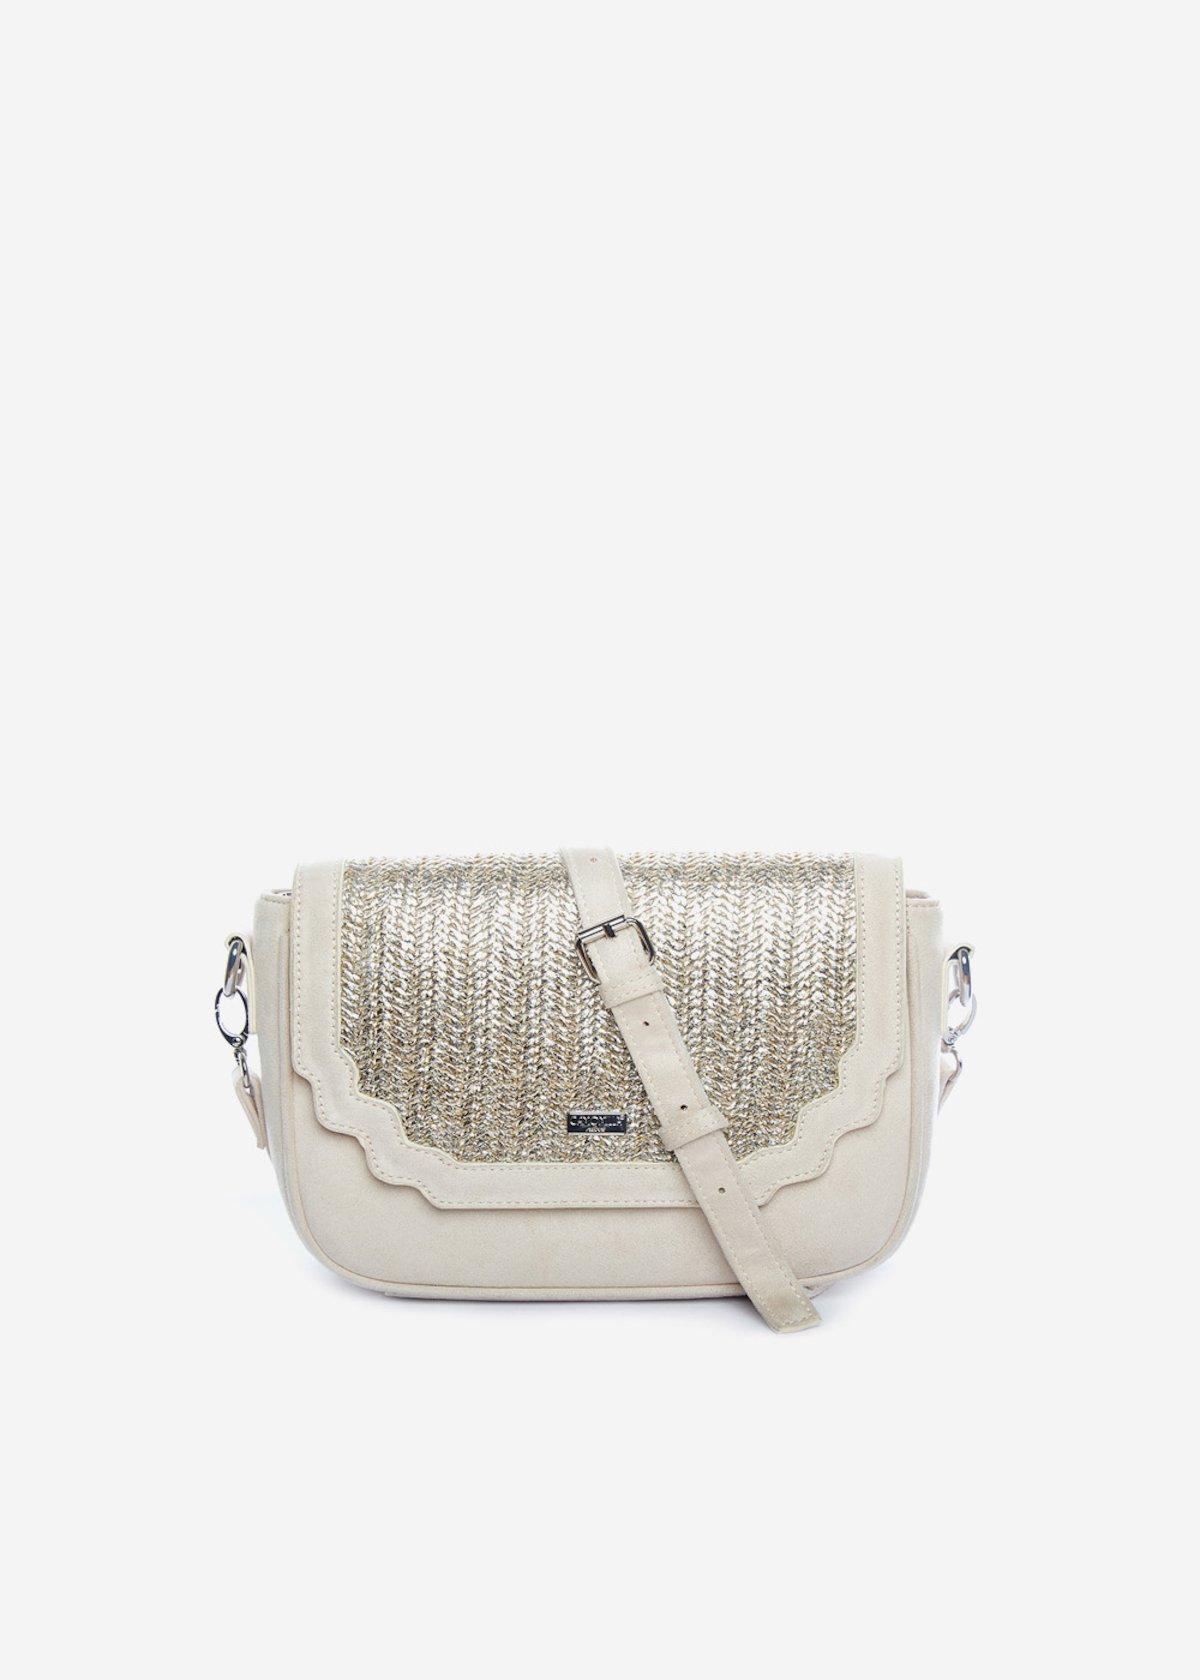 Handbag Bright con patta in paglia silver - Light Beige